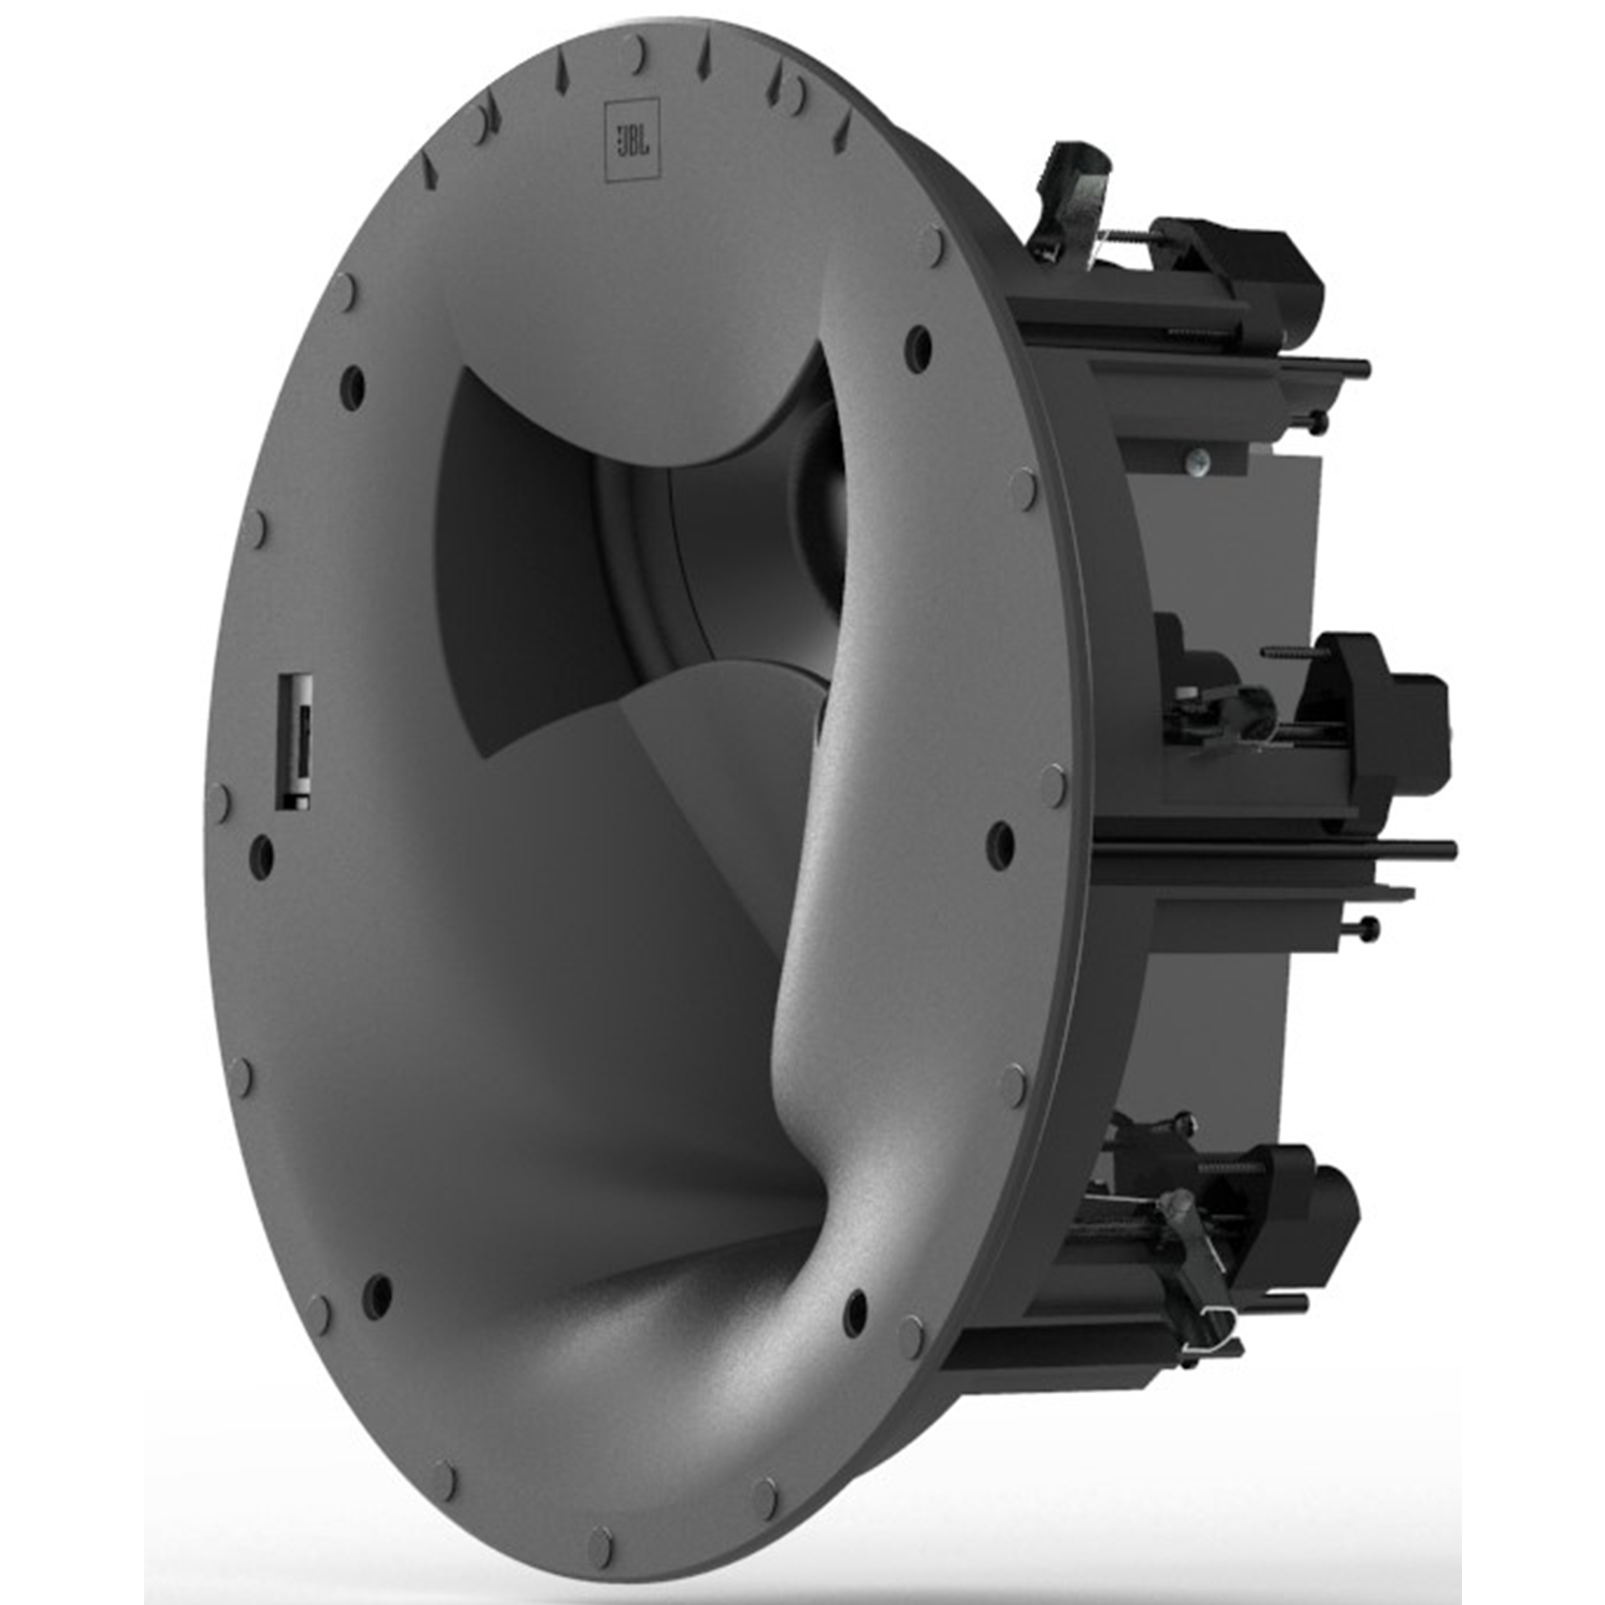 SCL-5 - Black - 2-Way 7-inch (180mm) In-Ceiling Loudspeaker - Hero